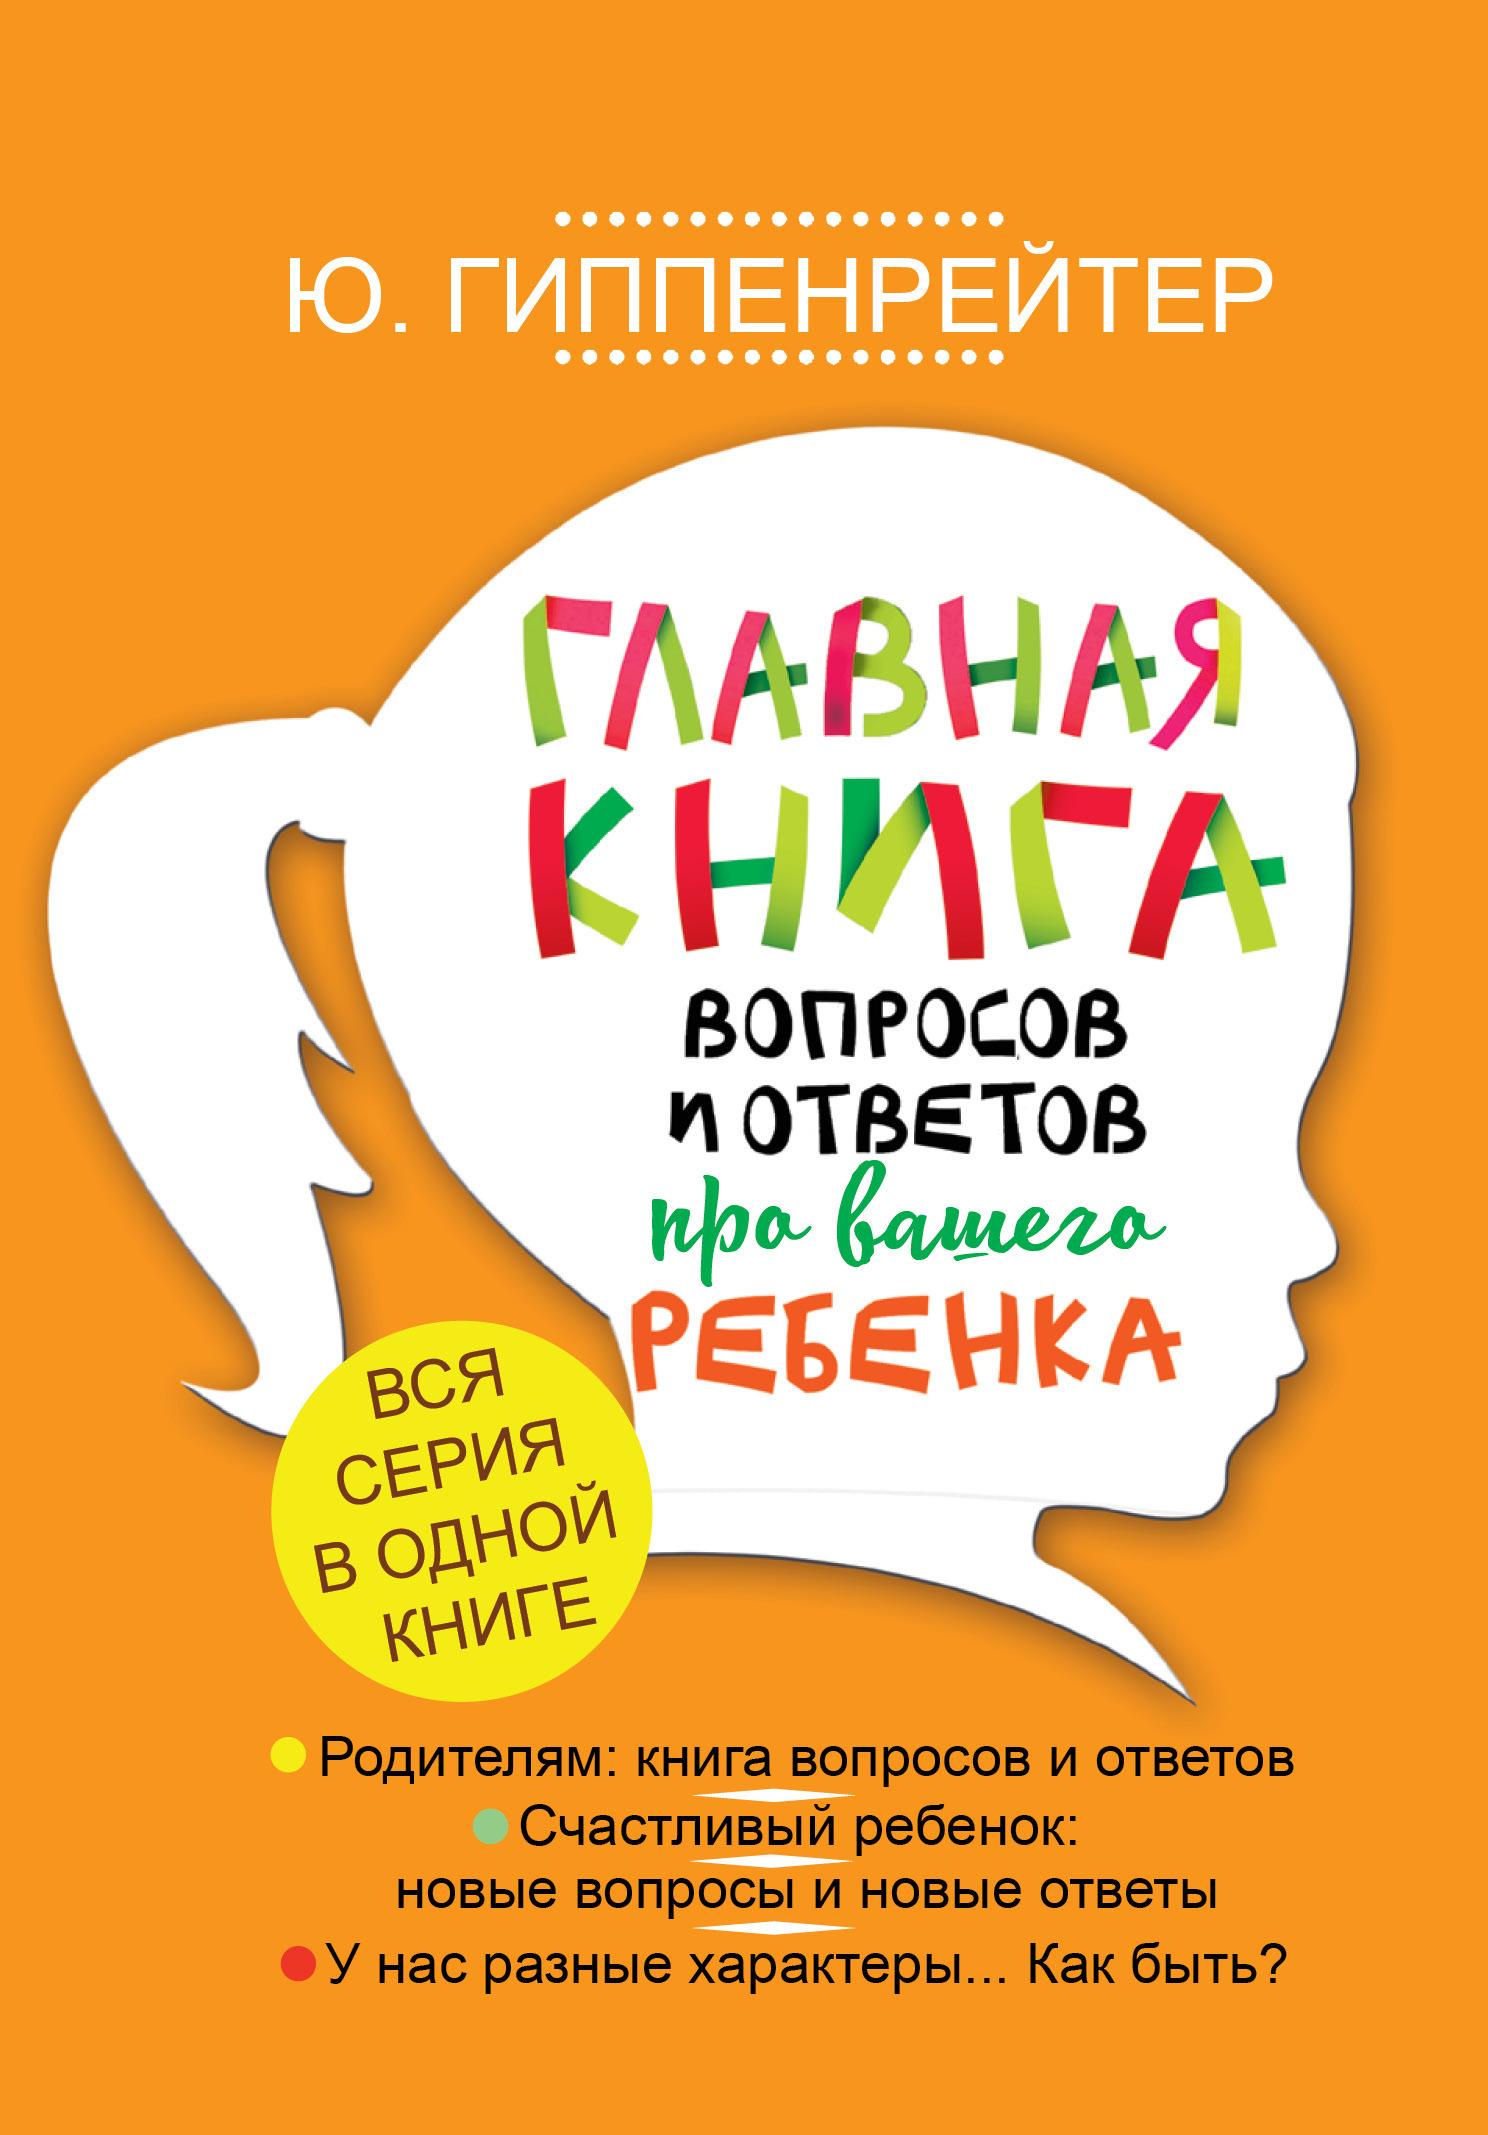 Юлия Гиппенрейтер - Главная книга вопросов и ответов про вашего ребенка